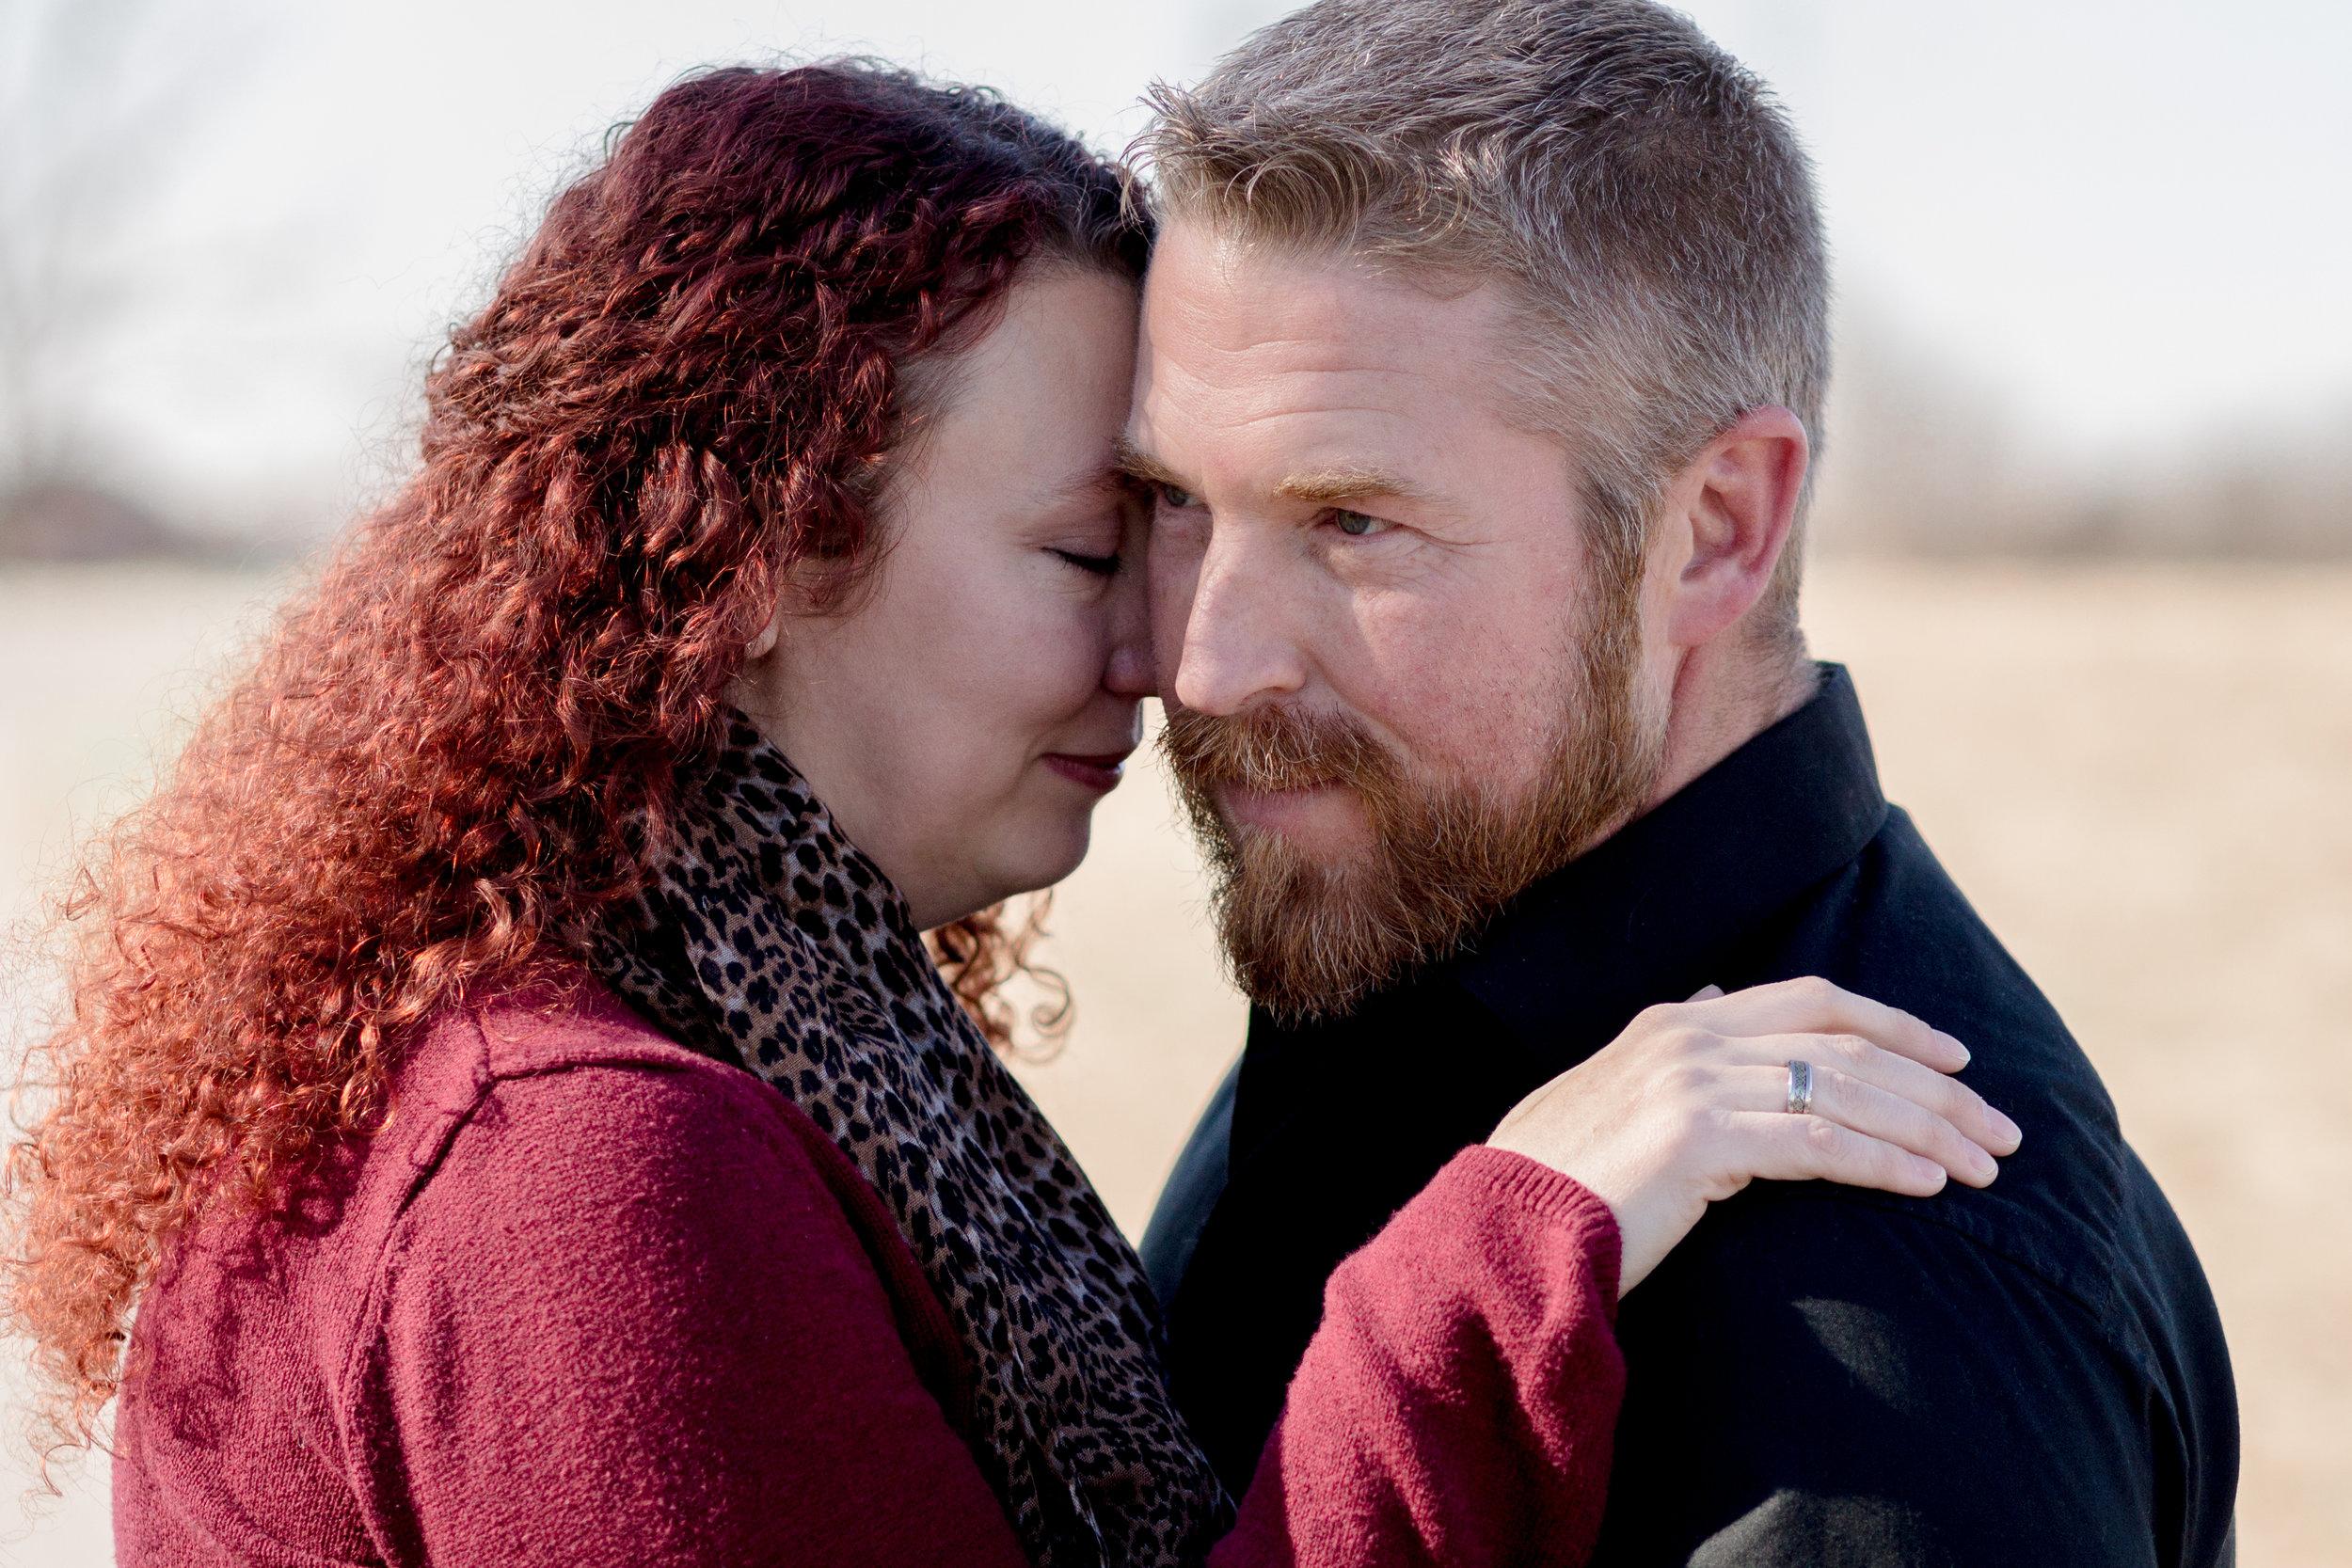 philadelphia-lifestyle-photography-couple-session-lytle-photo-company (21).jpg